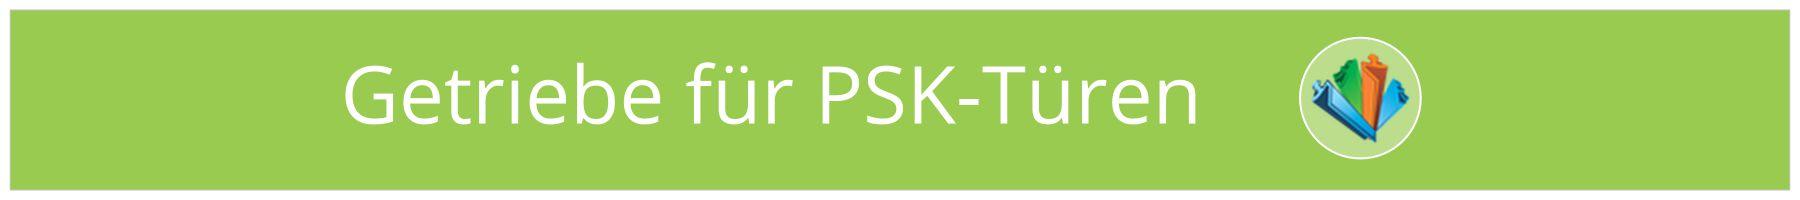 PSK-Türen Getriebe